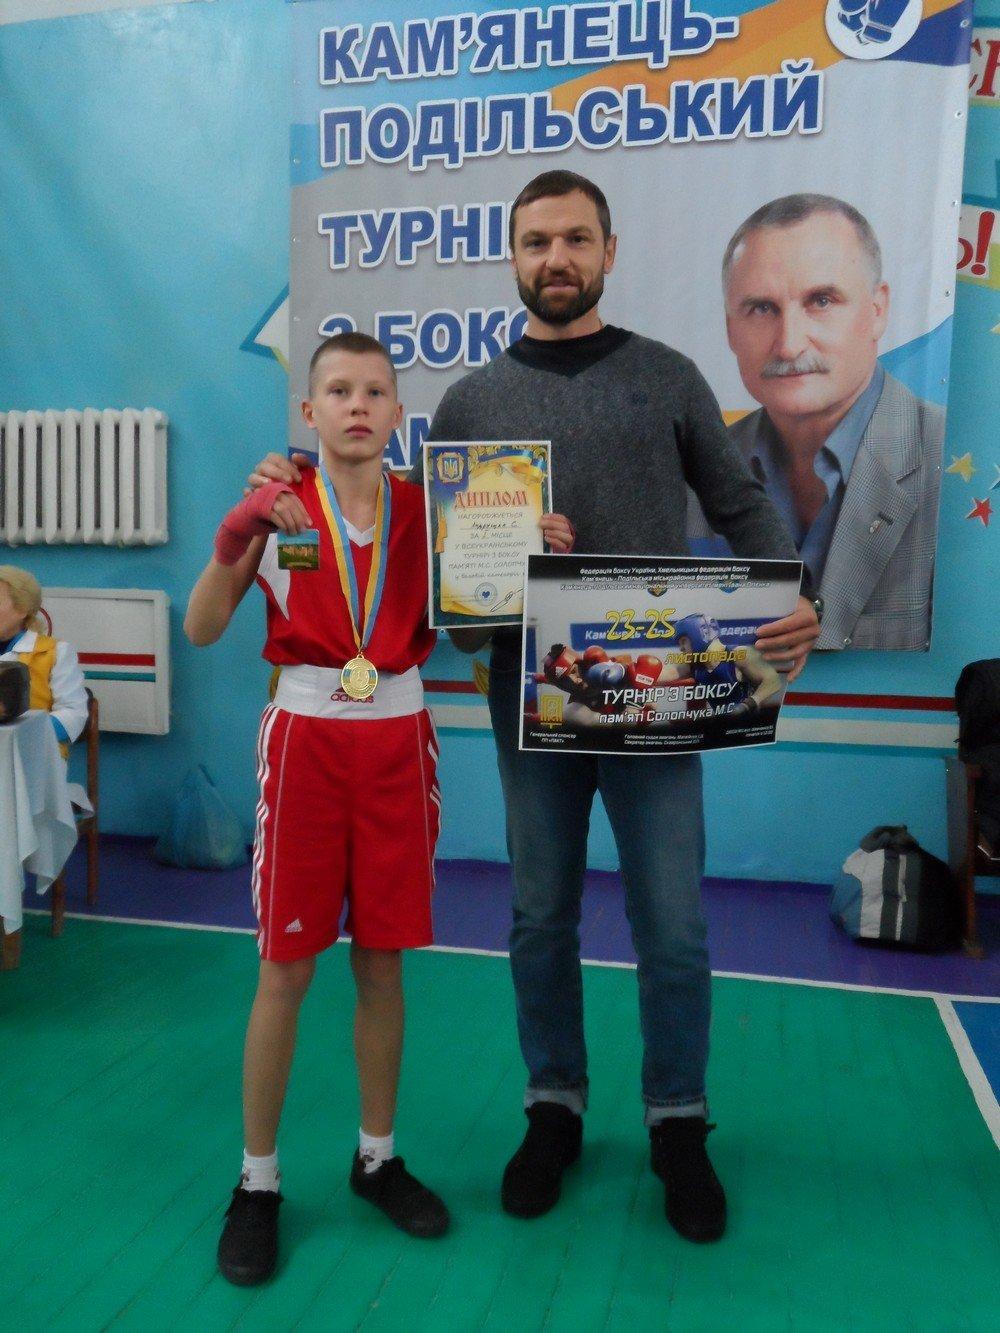 II Всеукраїнський турнір з боксу пам'яті М.С. Солопчука відбувся у Кам'янці-Подільському, фото-3